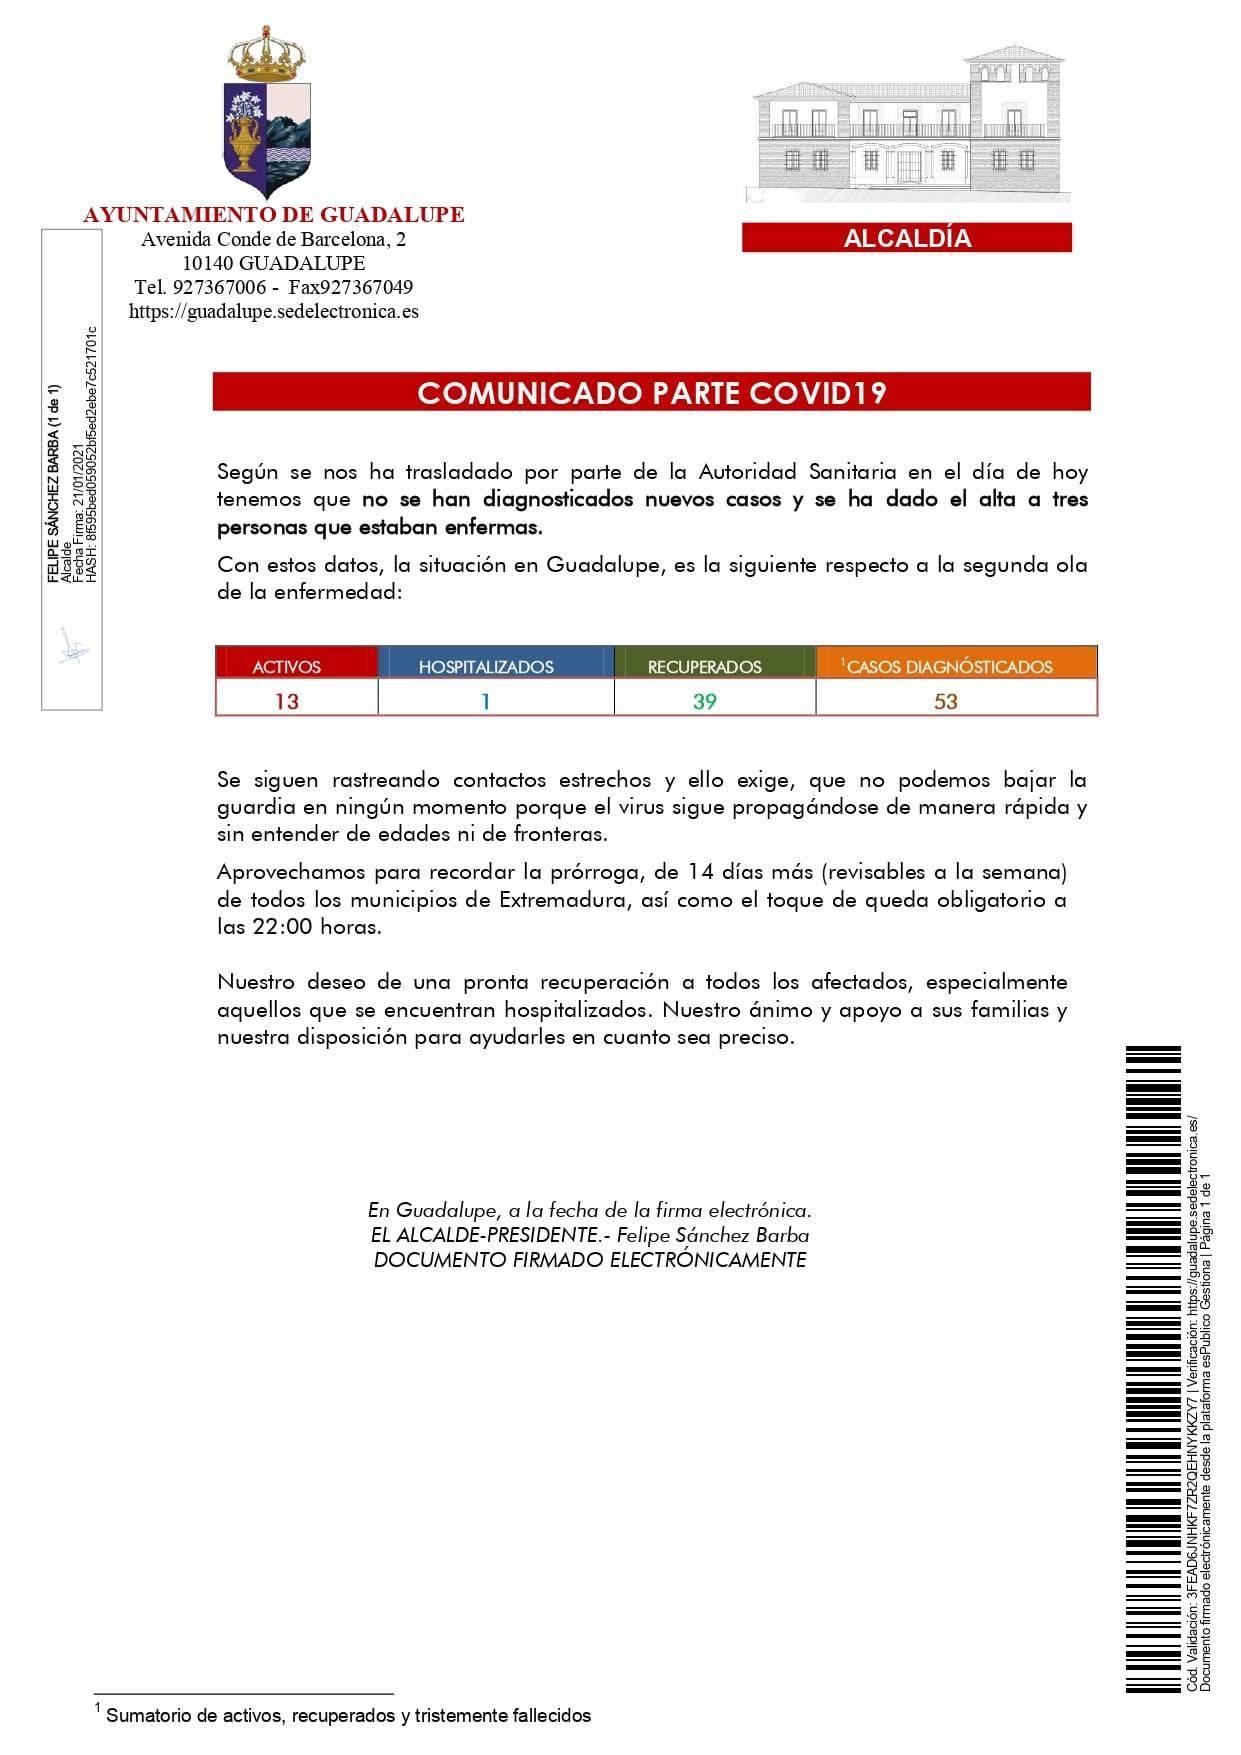 2 nuevos casos y 6 altas de COVID-19 (enero 2021) - Guadalupe (Cáceres) 3